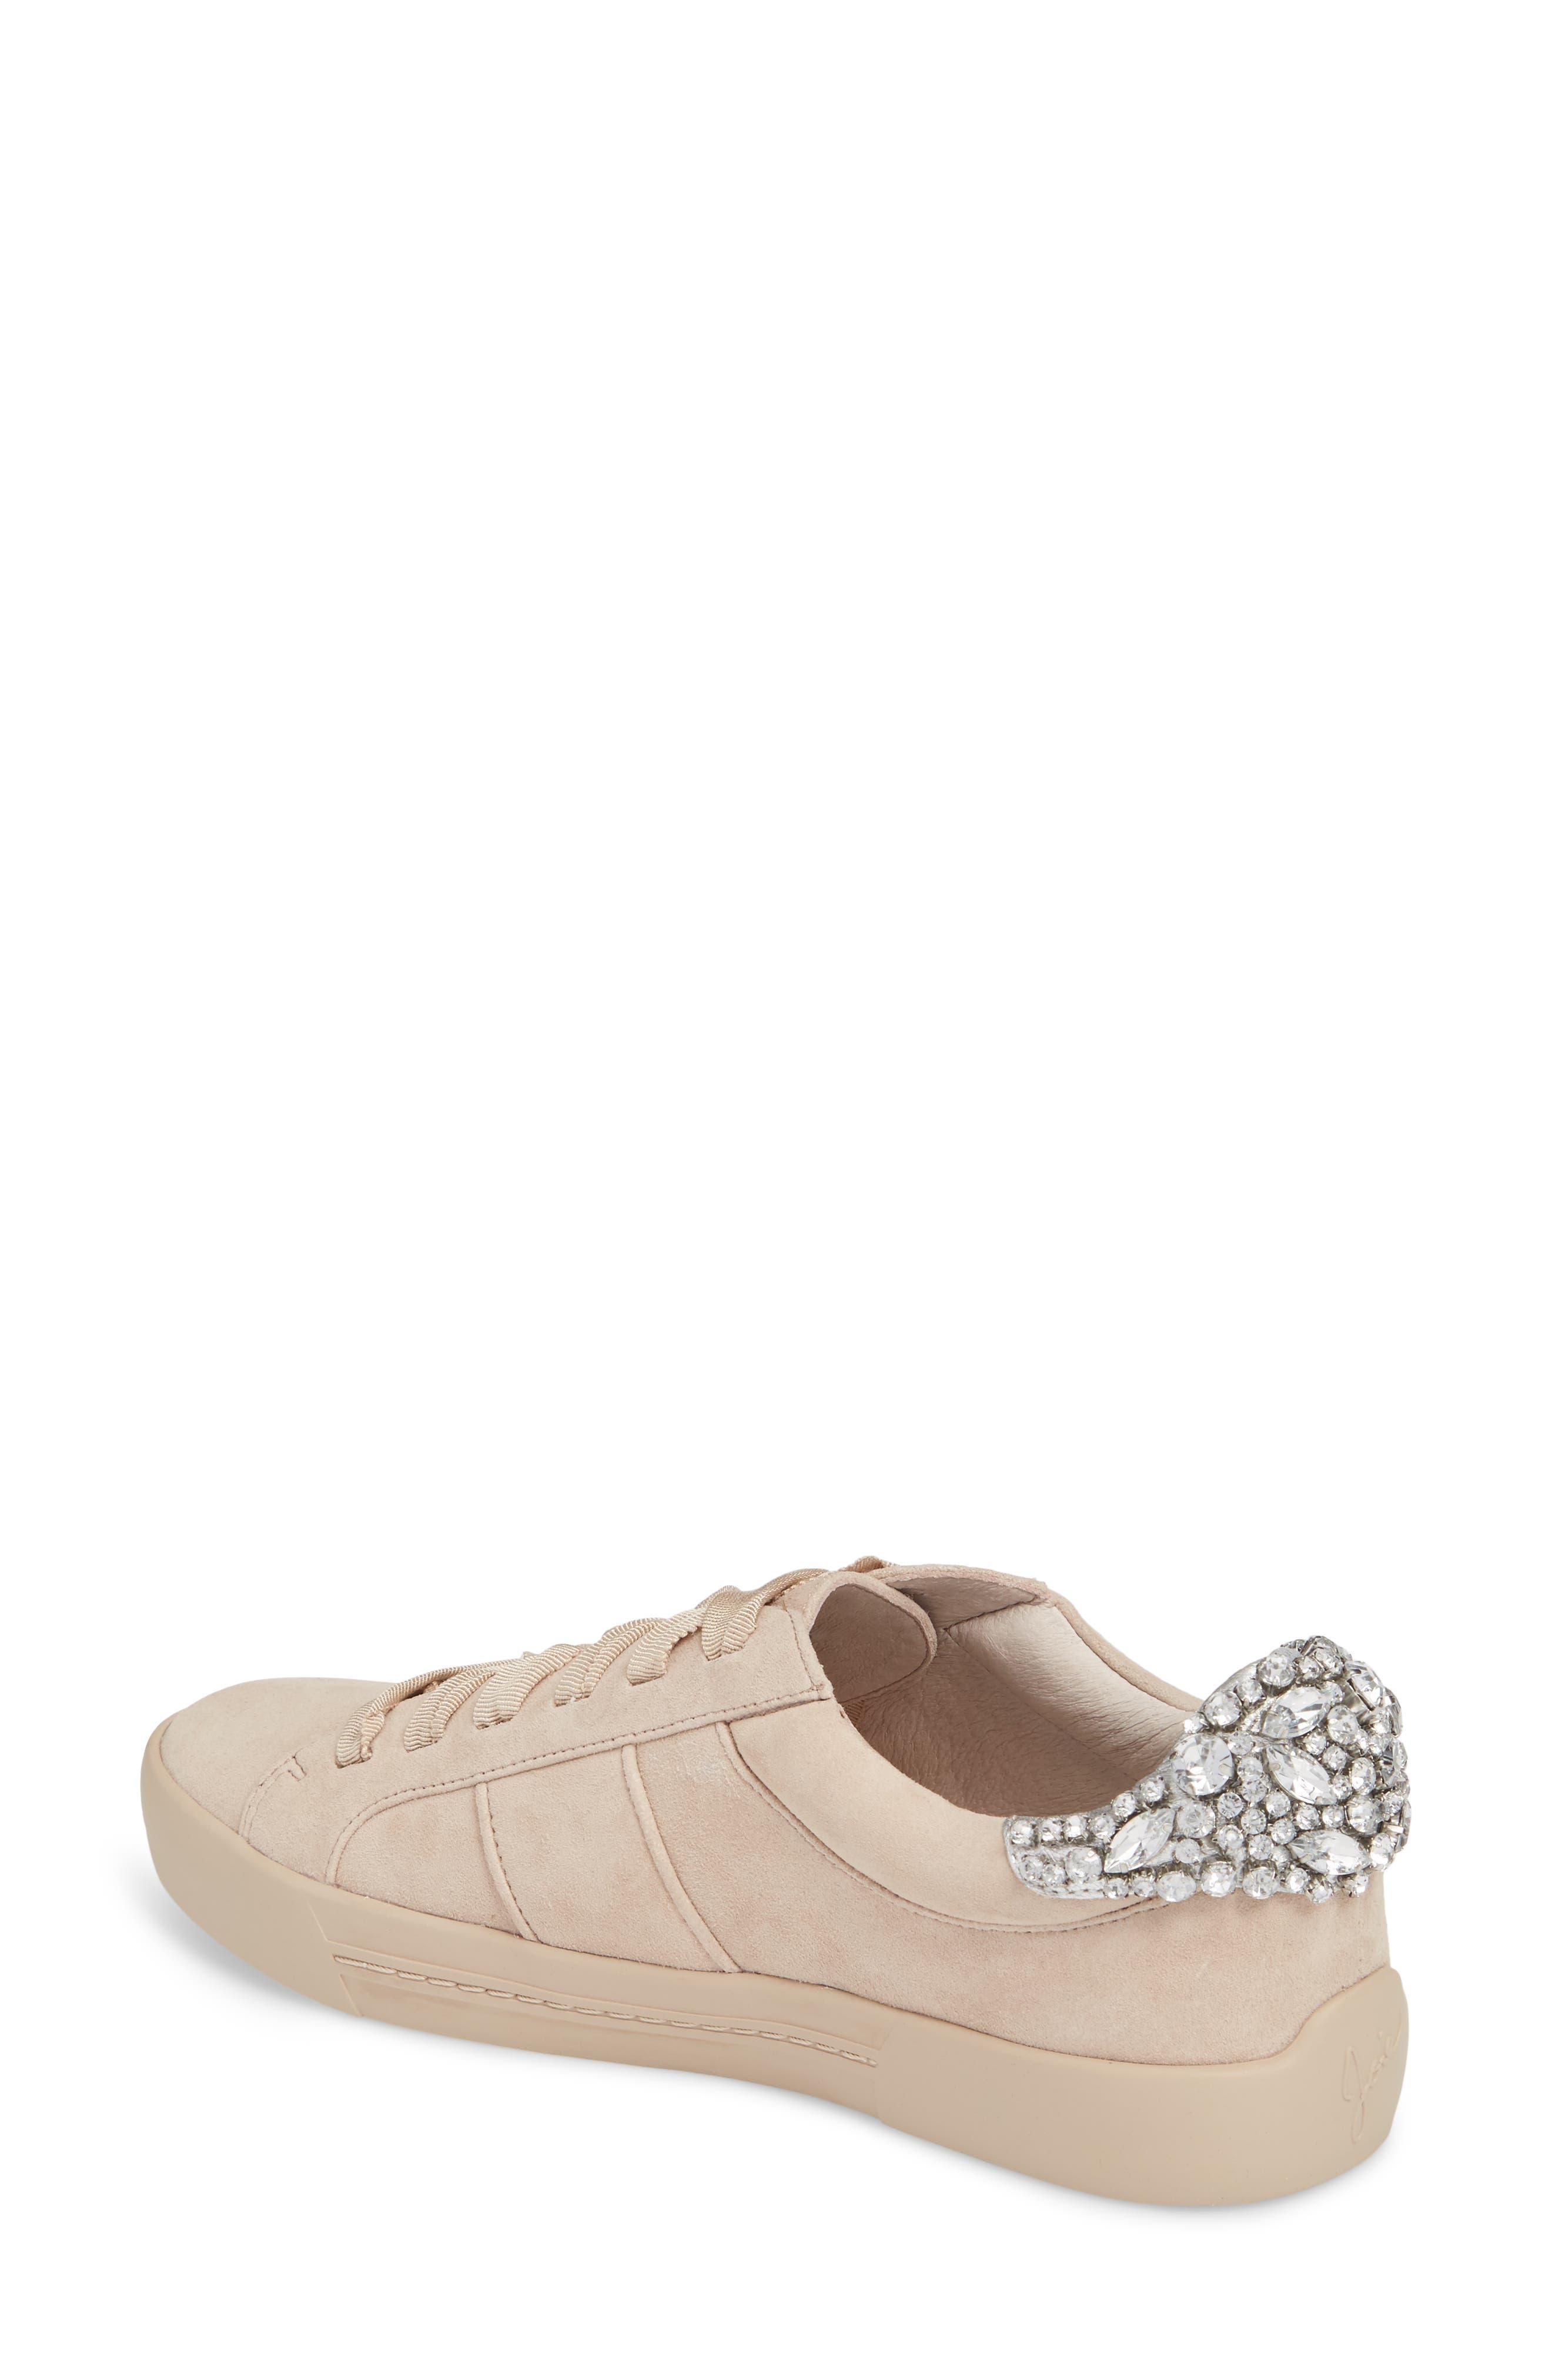 Darena Crystal Embellished Sneaker,                             Alternate thumbnail 2, color,                             Fog